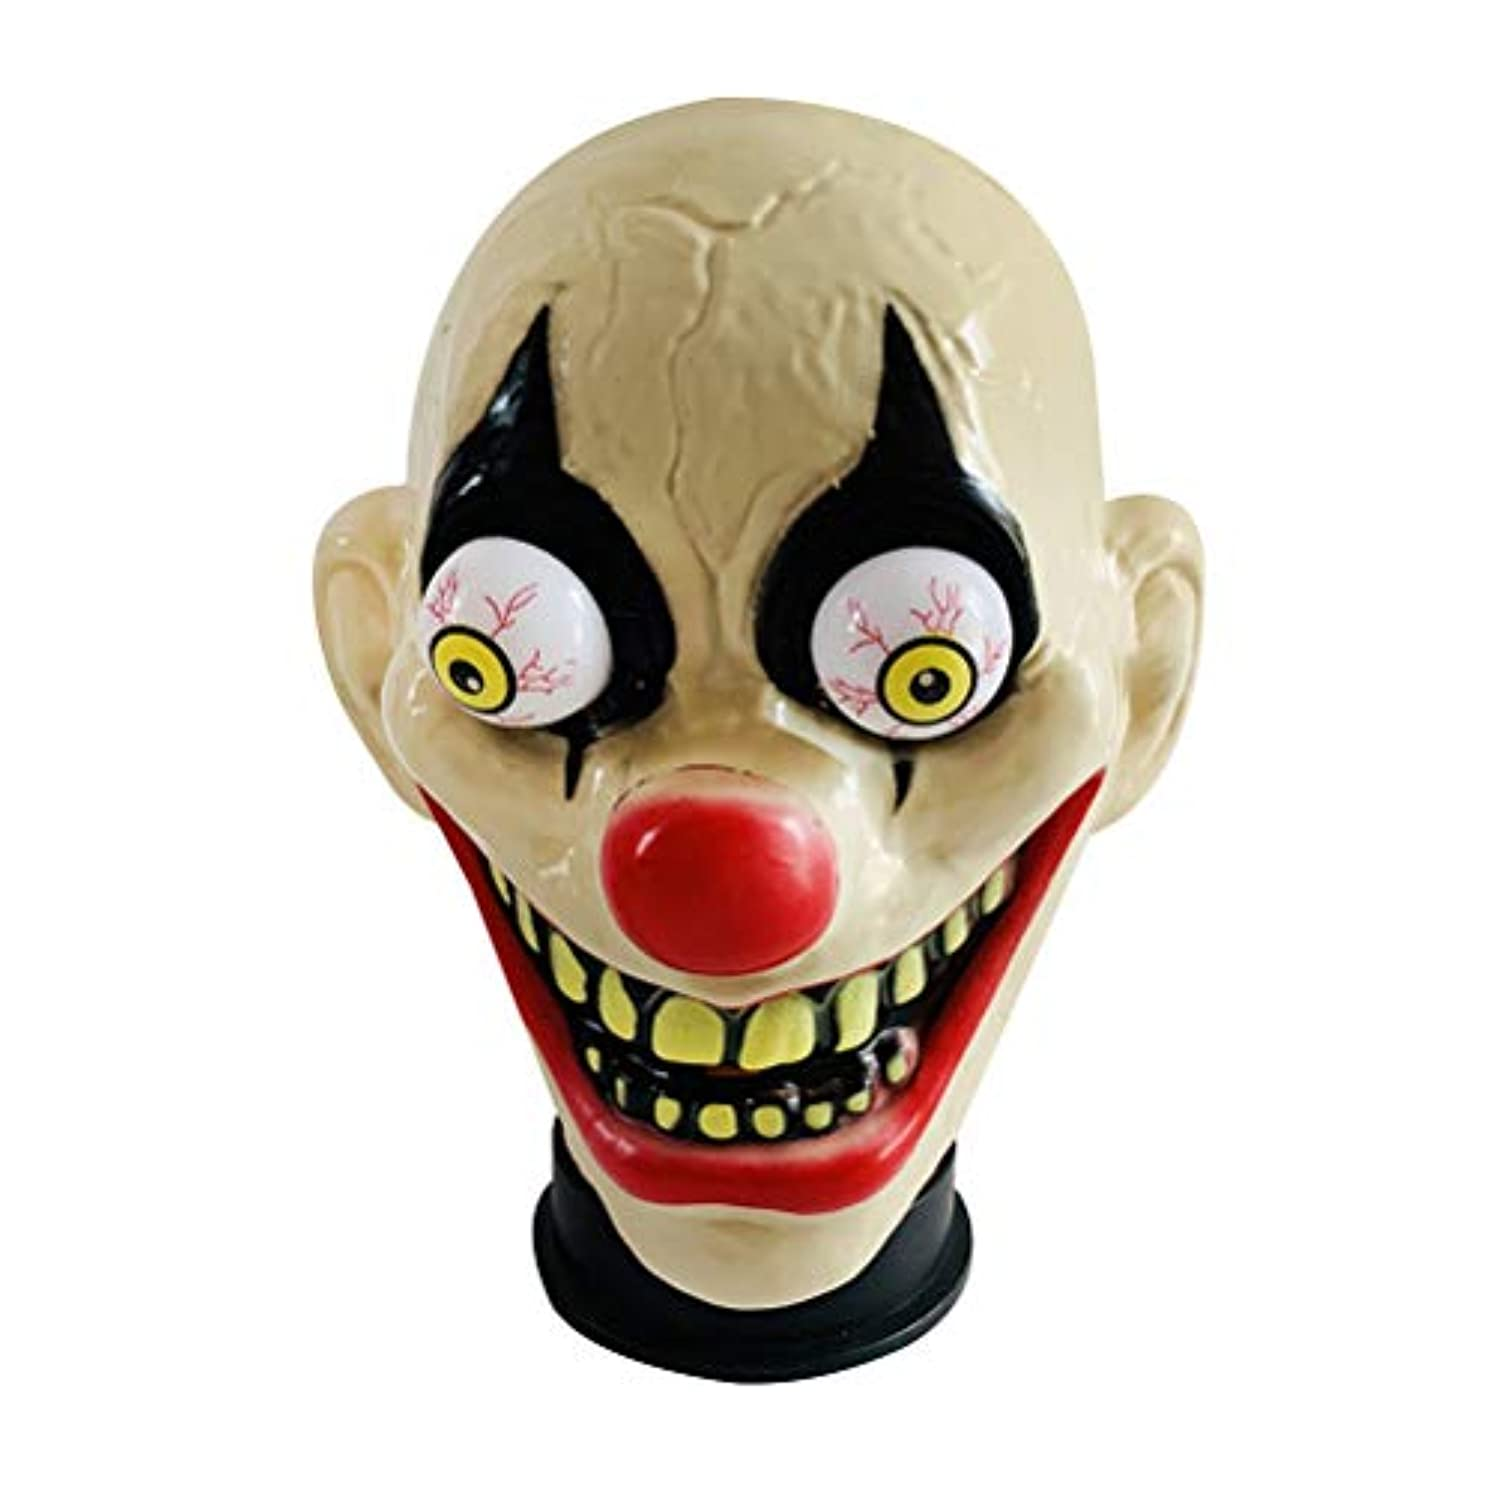 一掃する地理モーテルBESTOYARD ハロウィーン怖いピエロマスクテロホラーピエロヘッドカバーハロウィンコスプレパーティー用男性用マスク(ピエロタイプ)